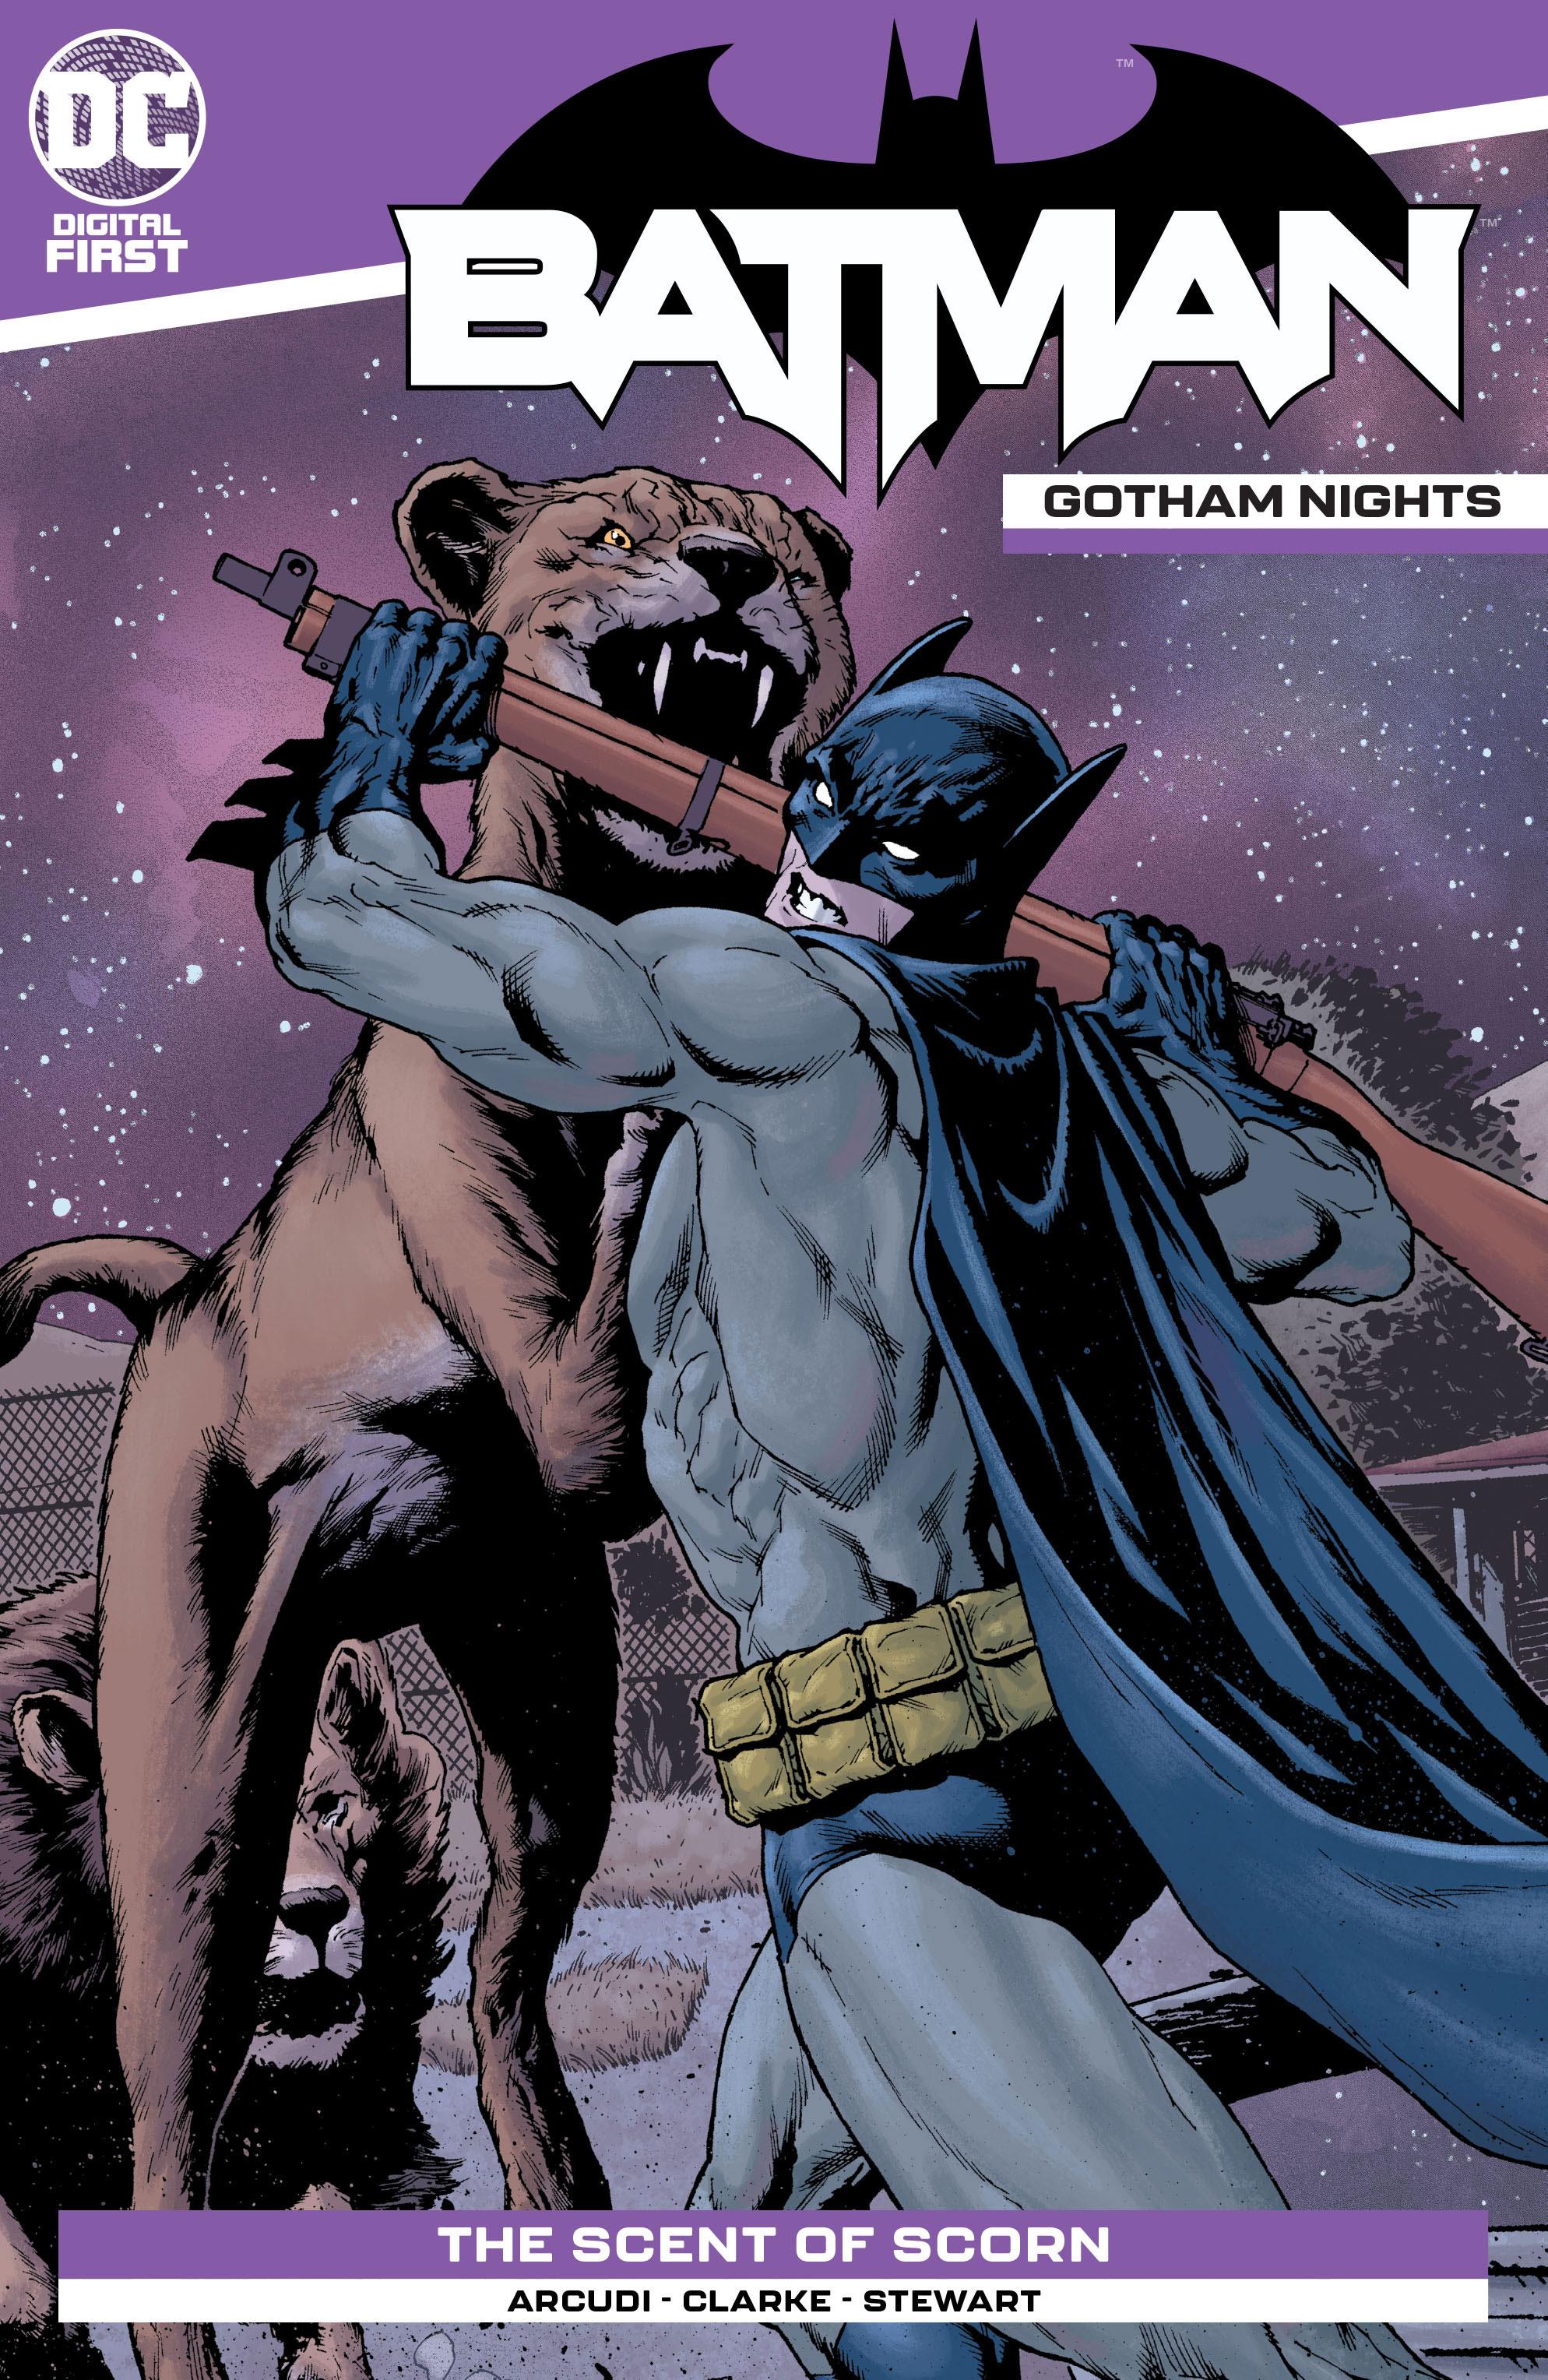 BATMAN-GOTHAM-NIGHTS-Cv10